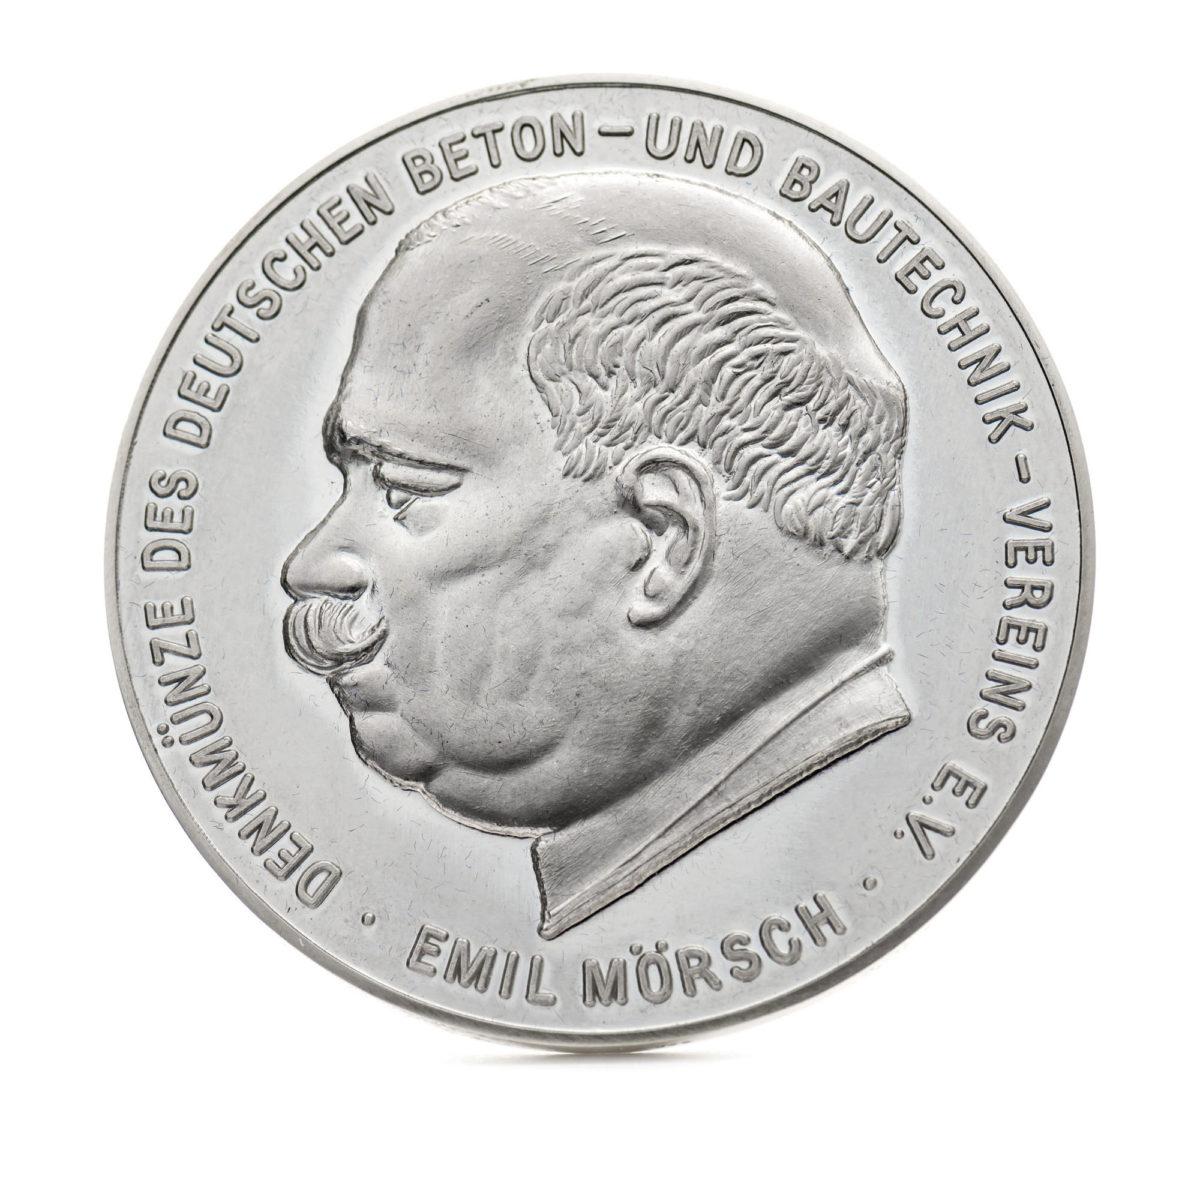 Stills, Deutscher Beton- und Bautechnik-Verein e.V.